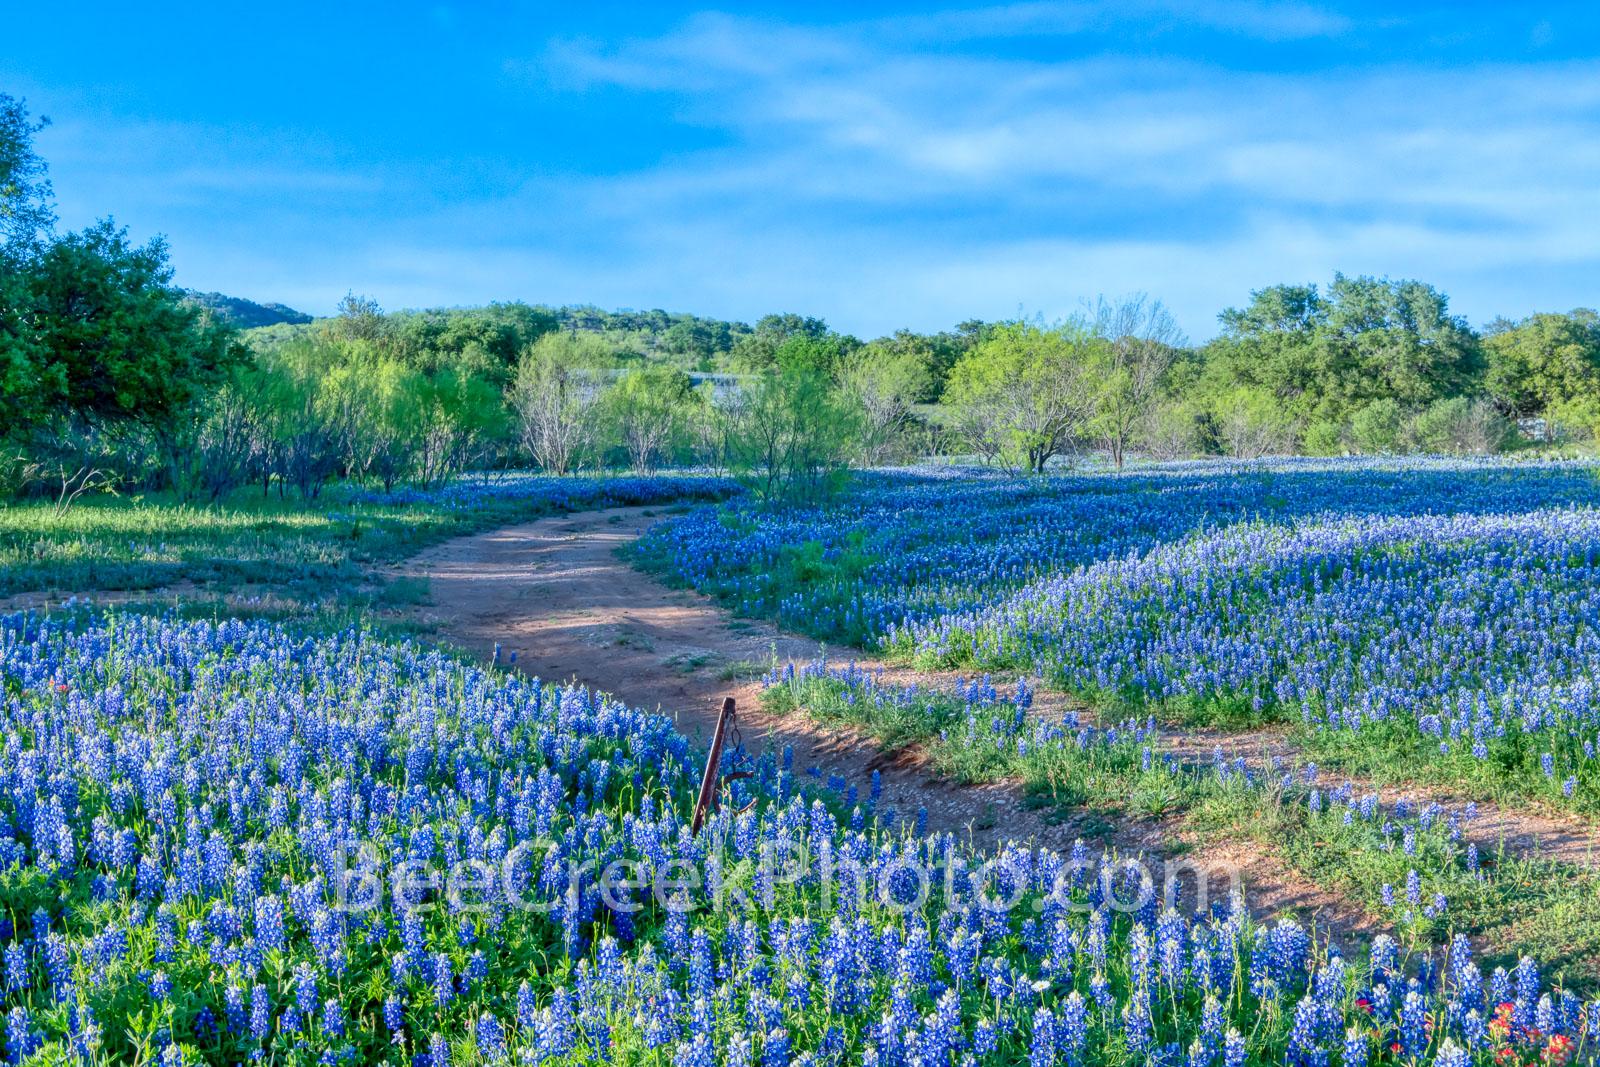 texas bluebonnets, bluebonnets, texas wildflowers,  wildflowers, texas hill country, texas, blue bonnets, hill country, images of bluebonnets, pictures of bluebonnets, image of texas, , photo